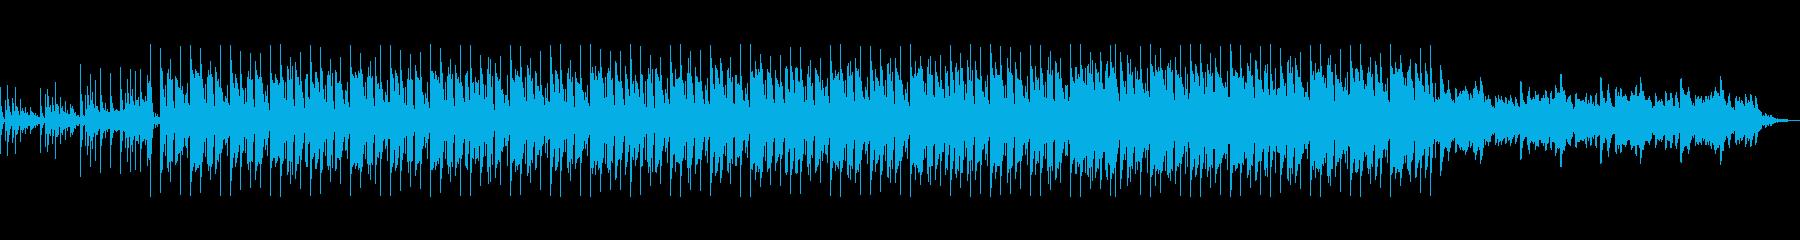 おしゃれでなつかしさのある優しい曲の再生済みの波形